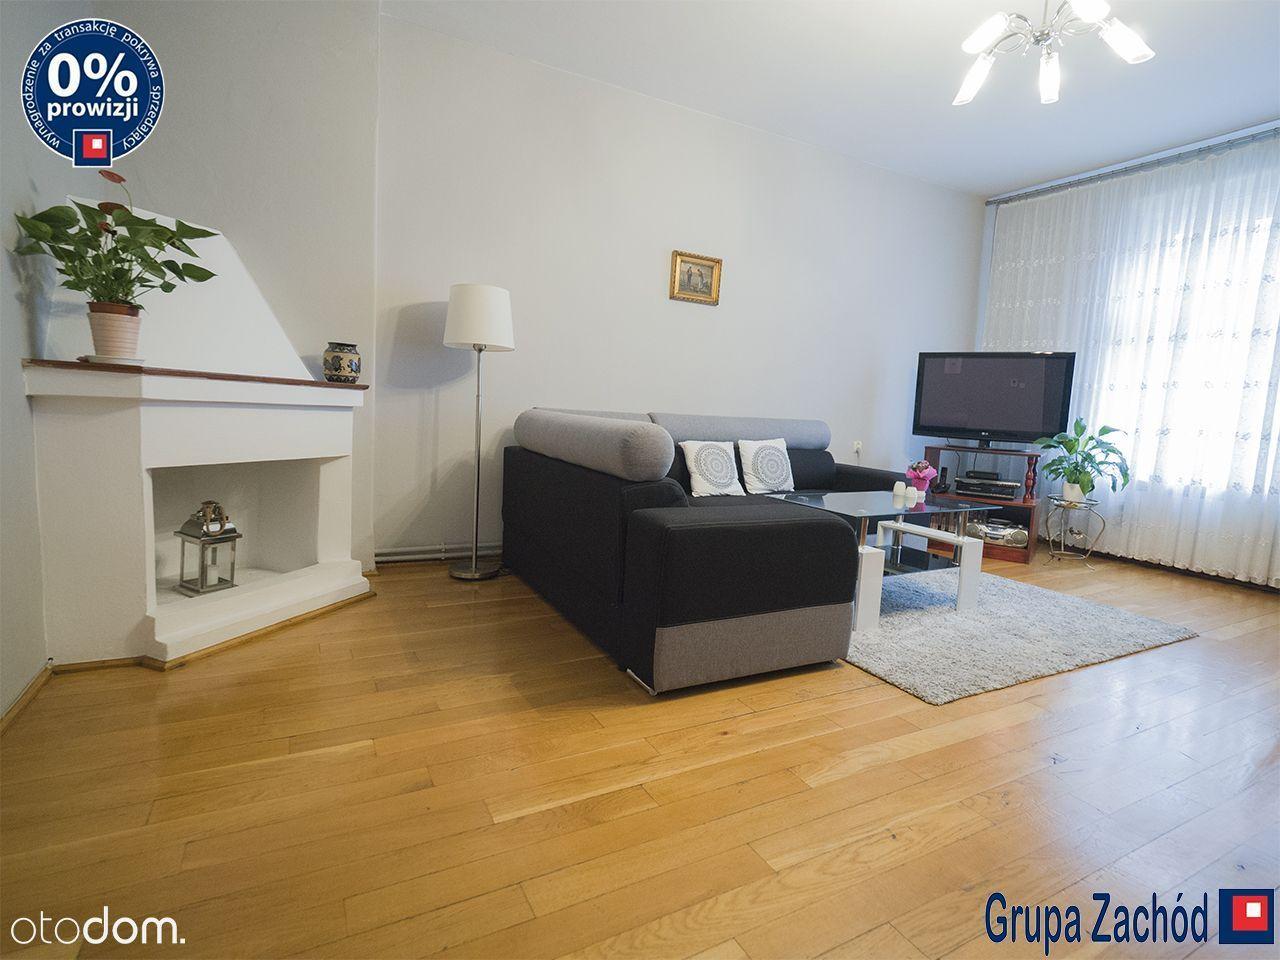 Rawicz, deptak, mieszkanie, 3 pokoje, sprzedaż.